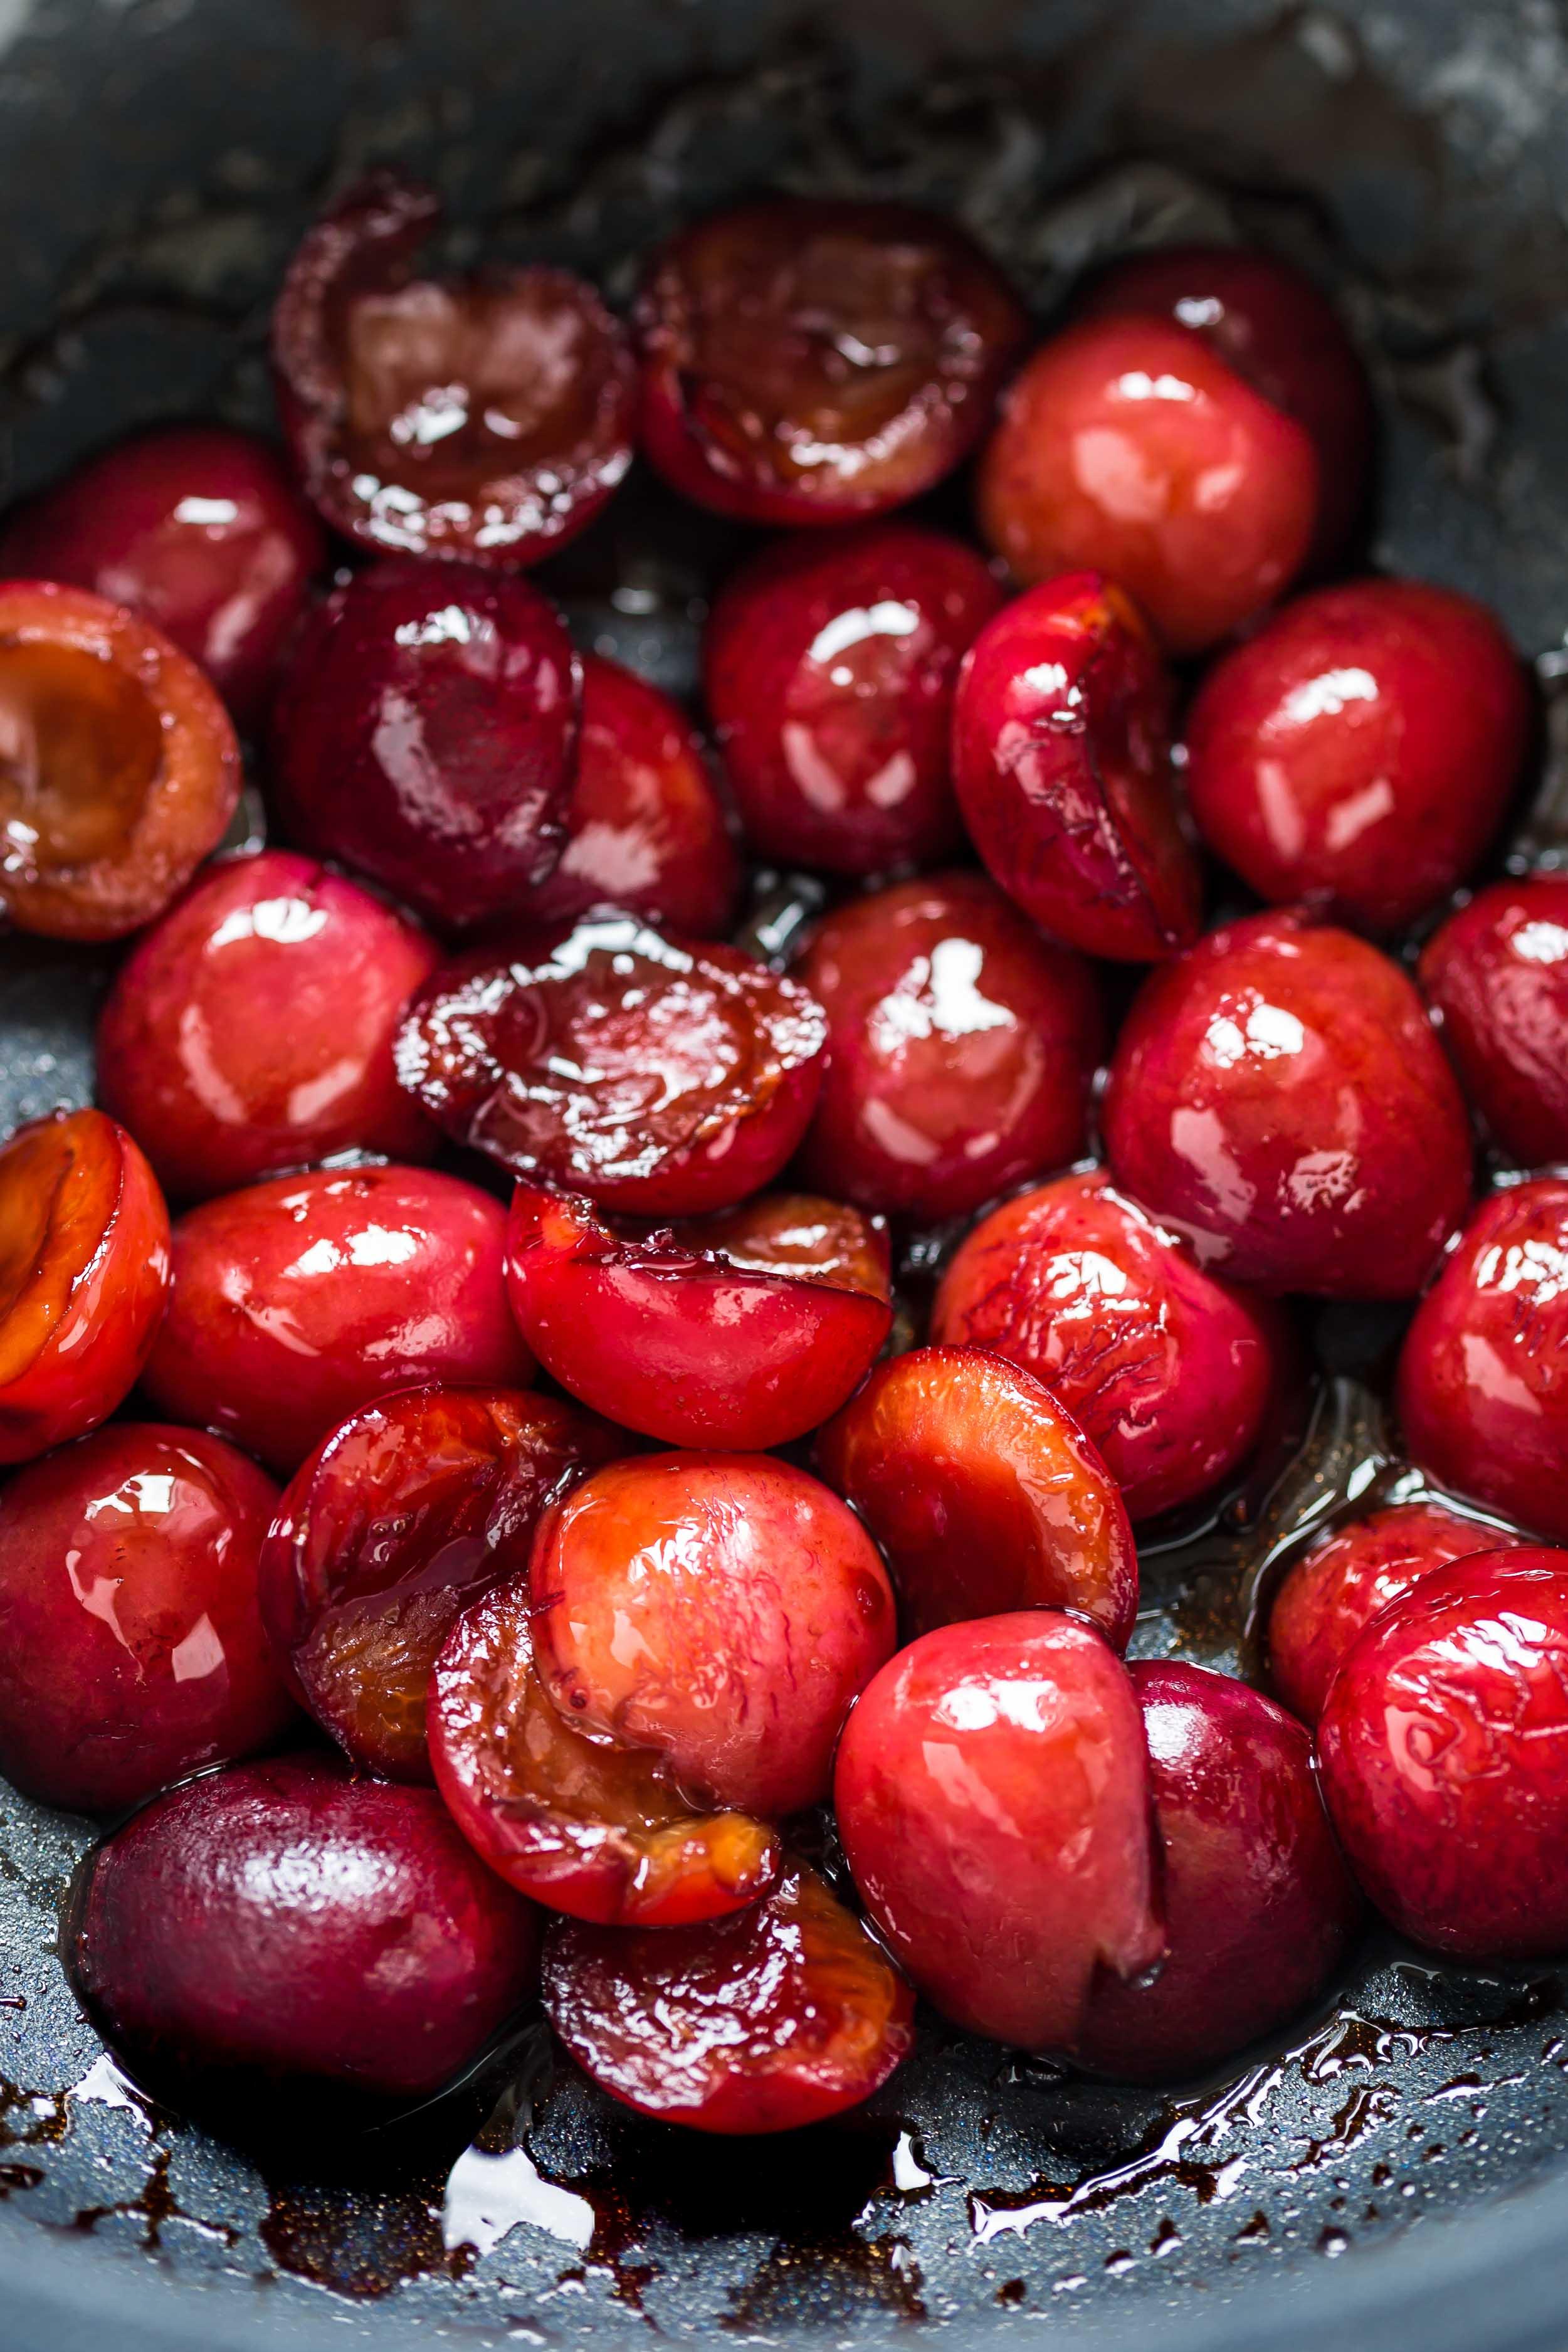 insalata di quinoa e ciliegie arrostite all'aceto balsamico- roasted cherry salad